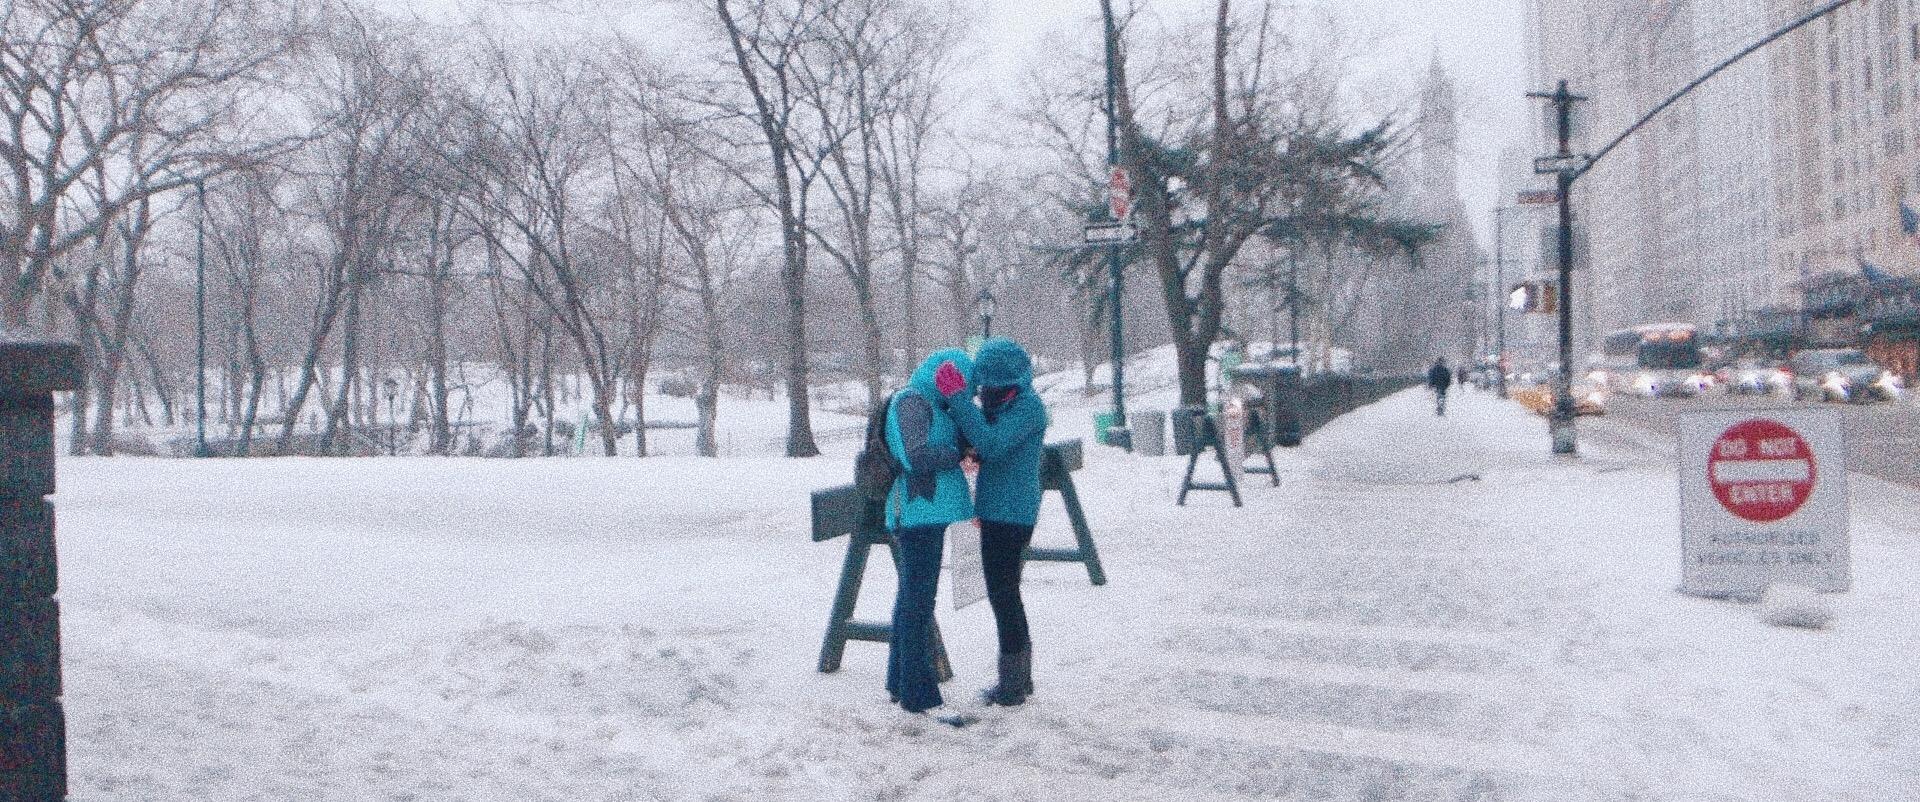 Two people embrace on a crosswalk in snowy Manhattan.